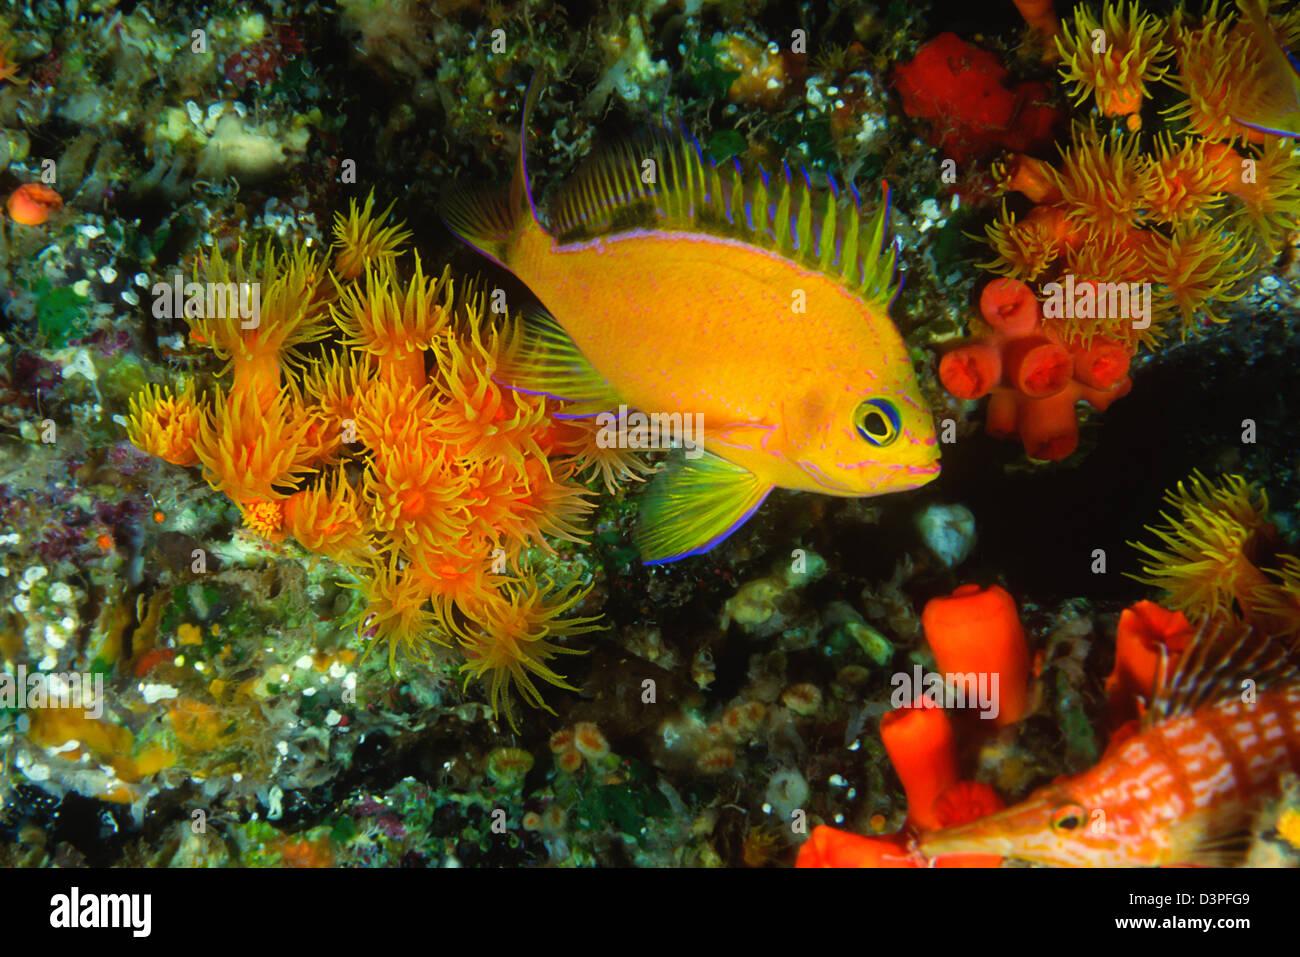 Deepwater anthias (endemic) Odontanthias fuscipinnis, Hawaii. - Stock Image